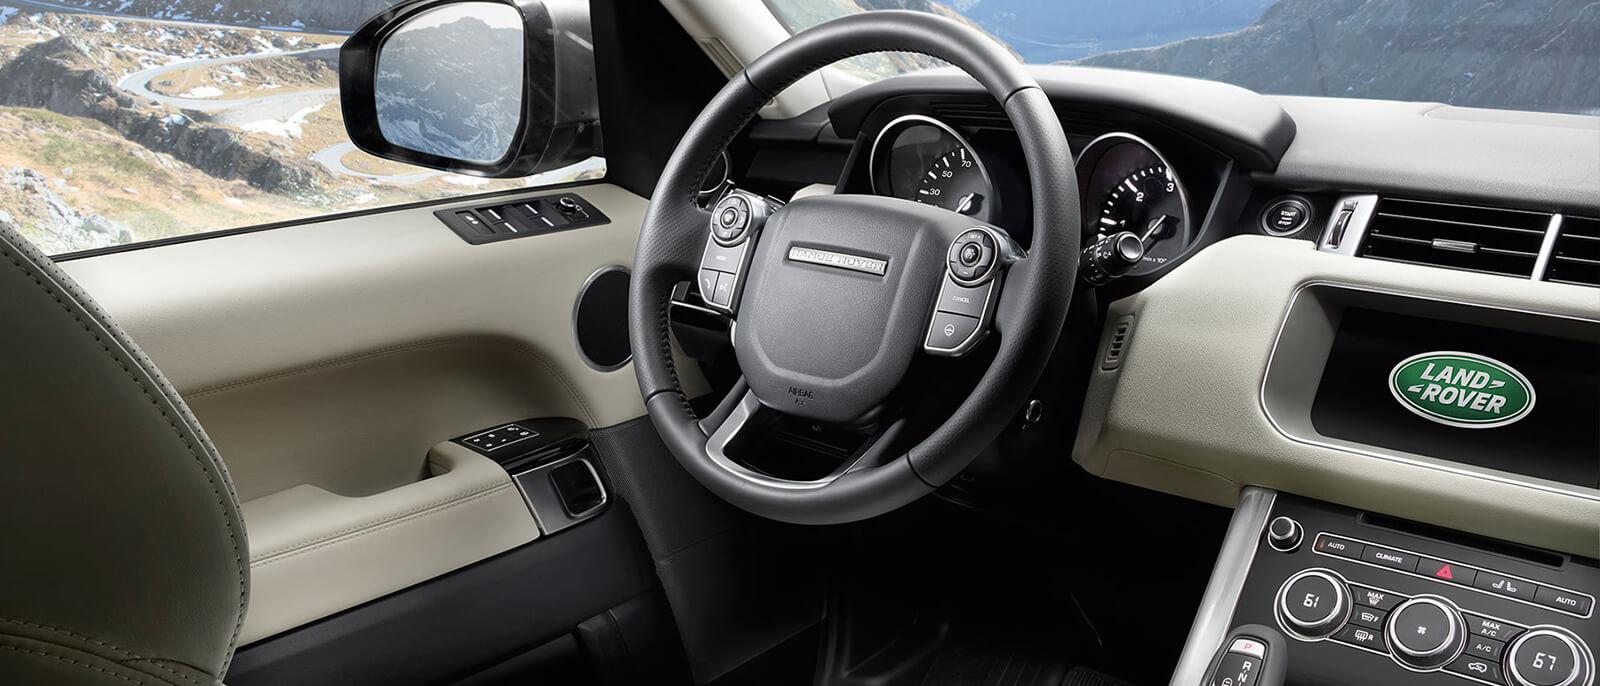 2017-Land-Rover-Range-Rover-Sport-Slide2